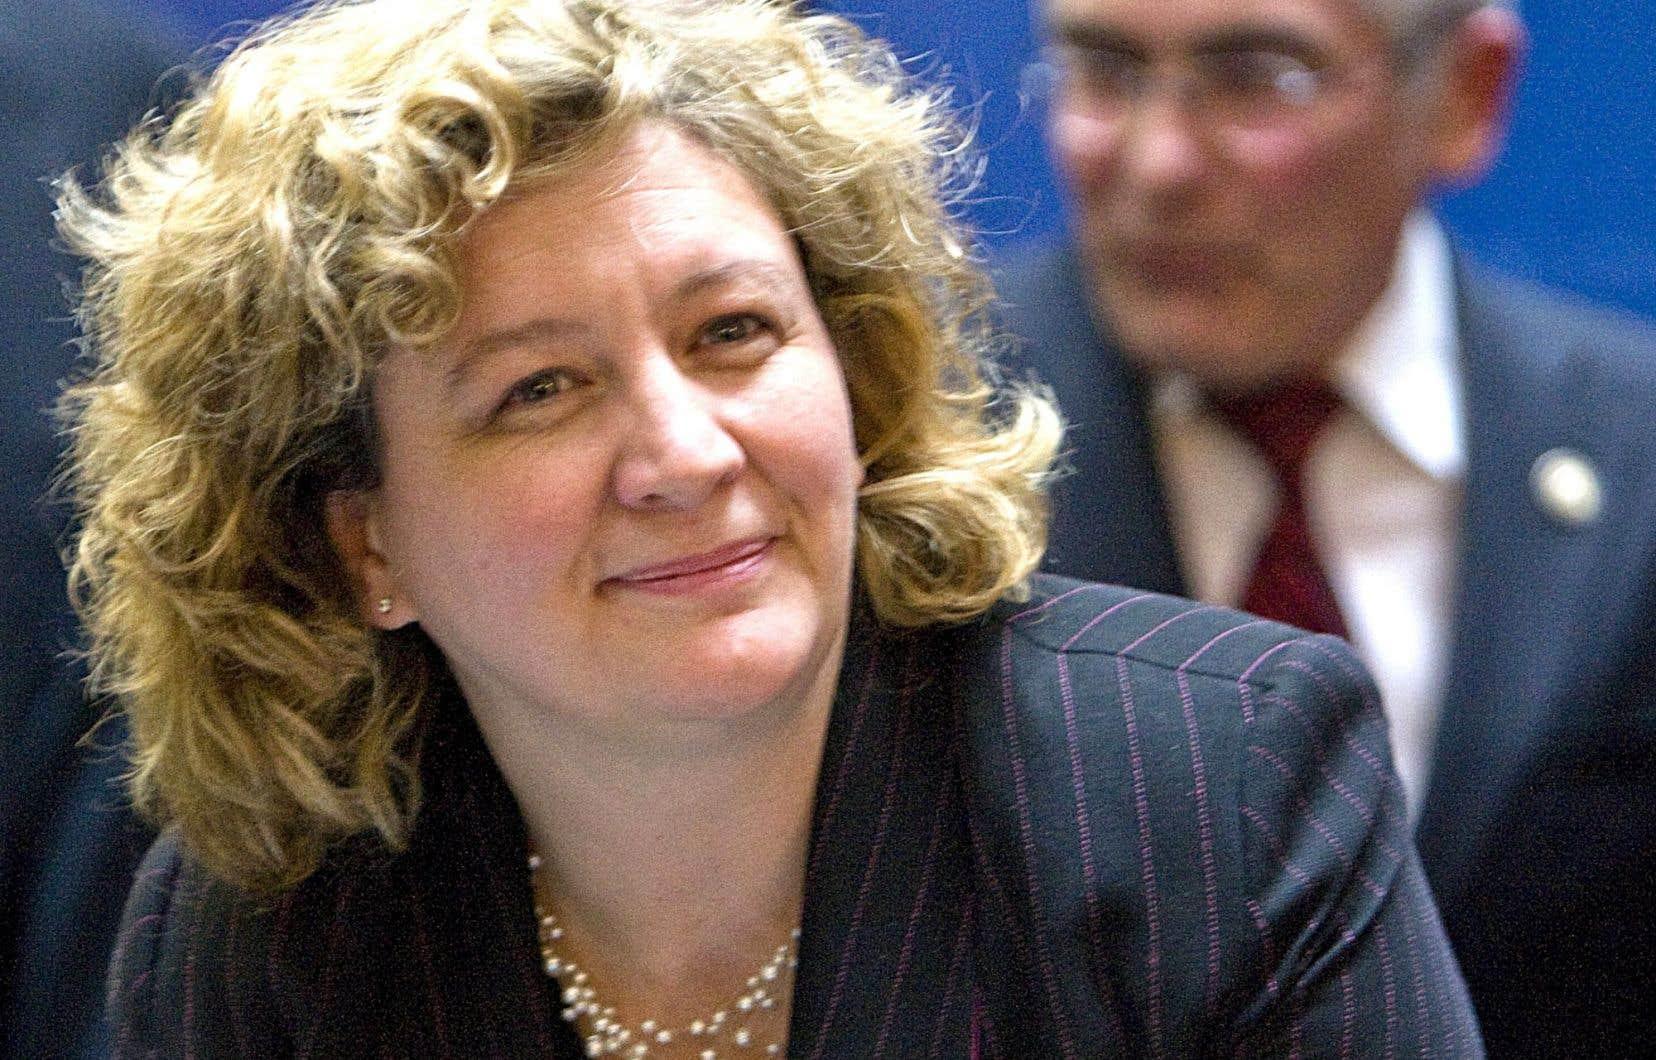 Andrée-Lise Méthot, fondatrice et associée directrice de Cycle Capital Management, un fonds d'investissement dans le secteur des technologies propres.